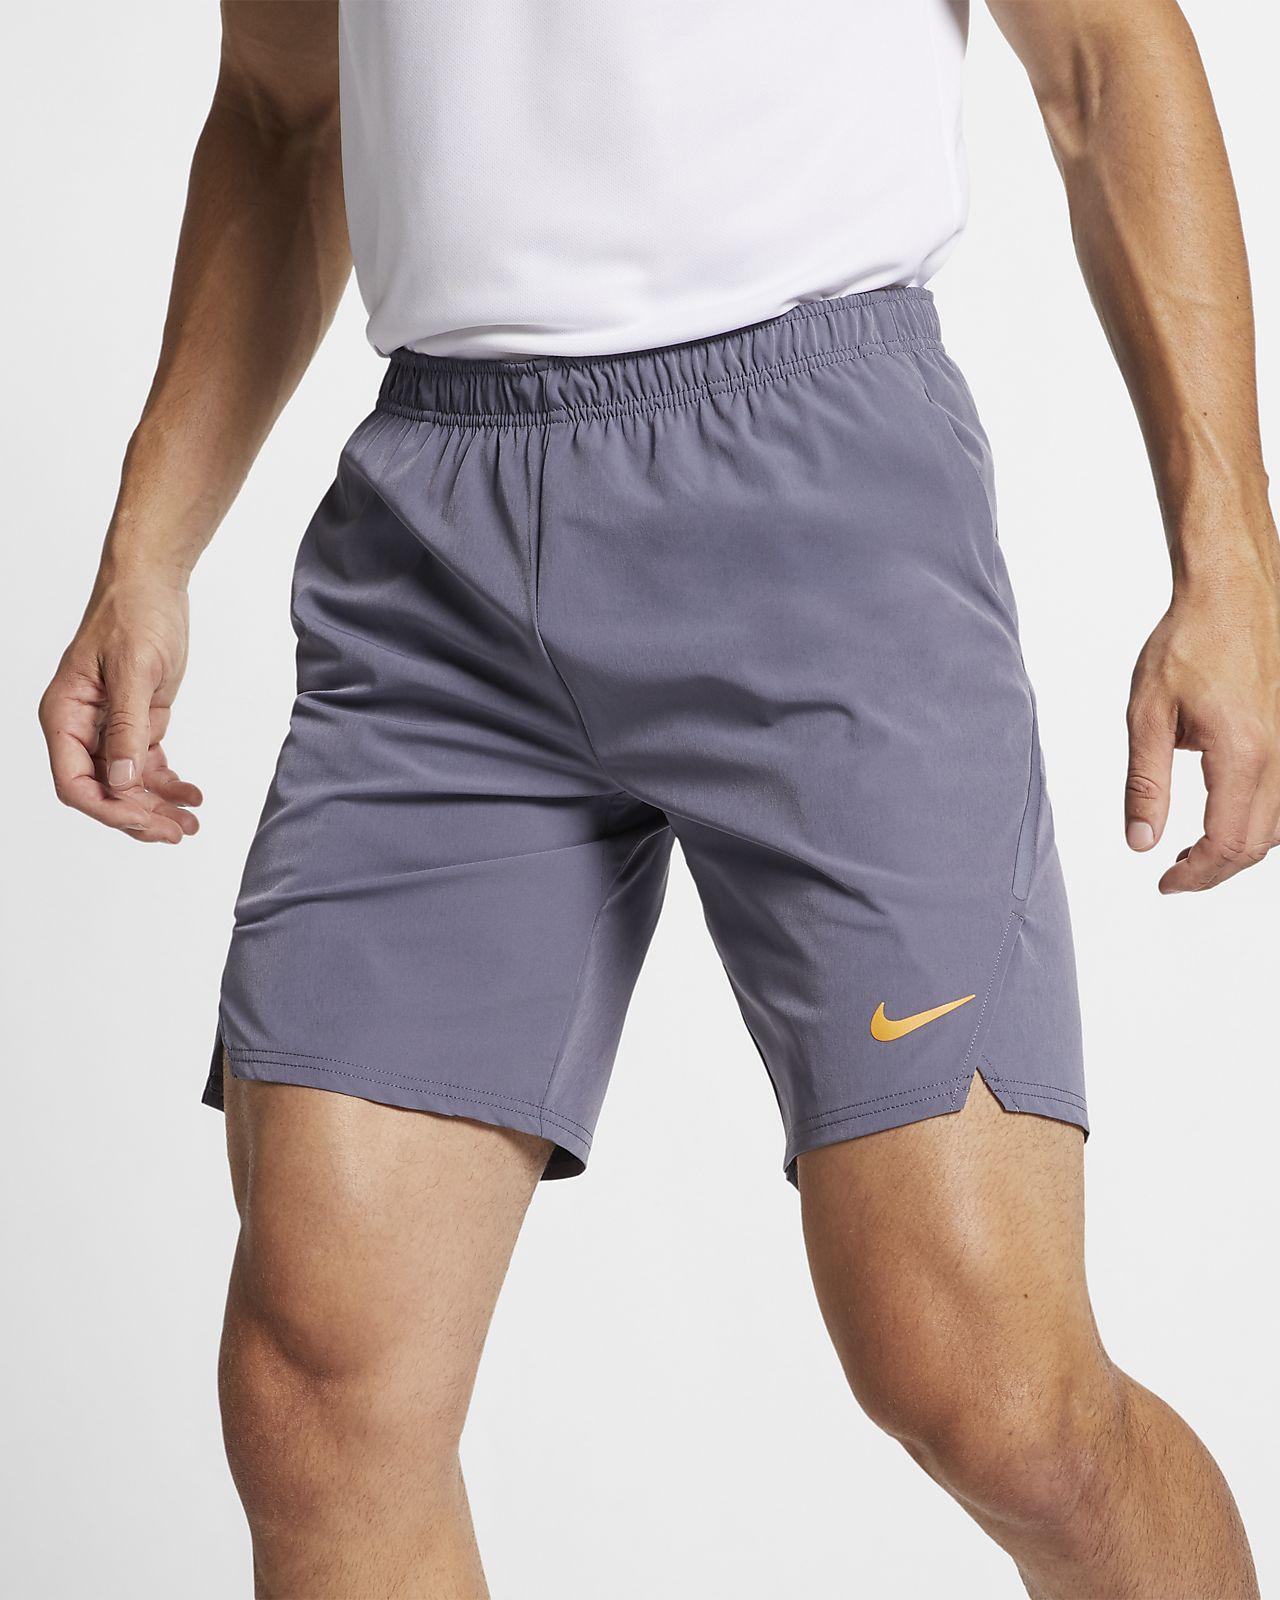 NikeCourt Flex Ace Pantalón corto de tenis - Hombre